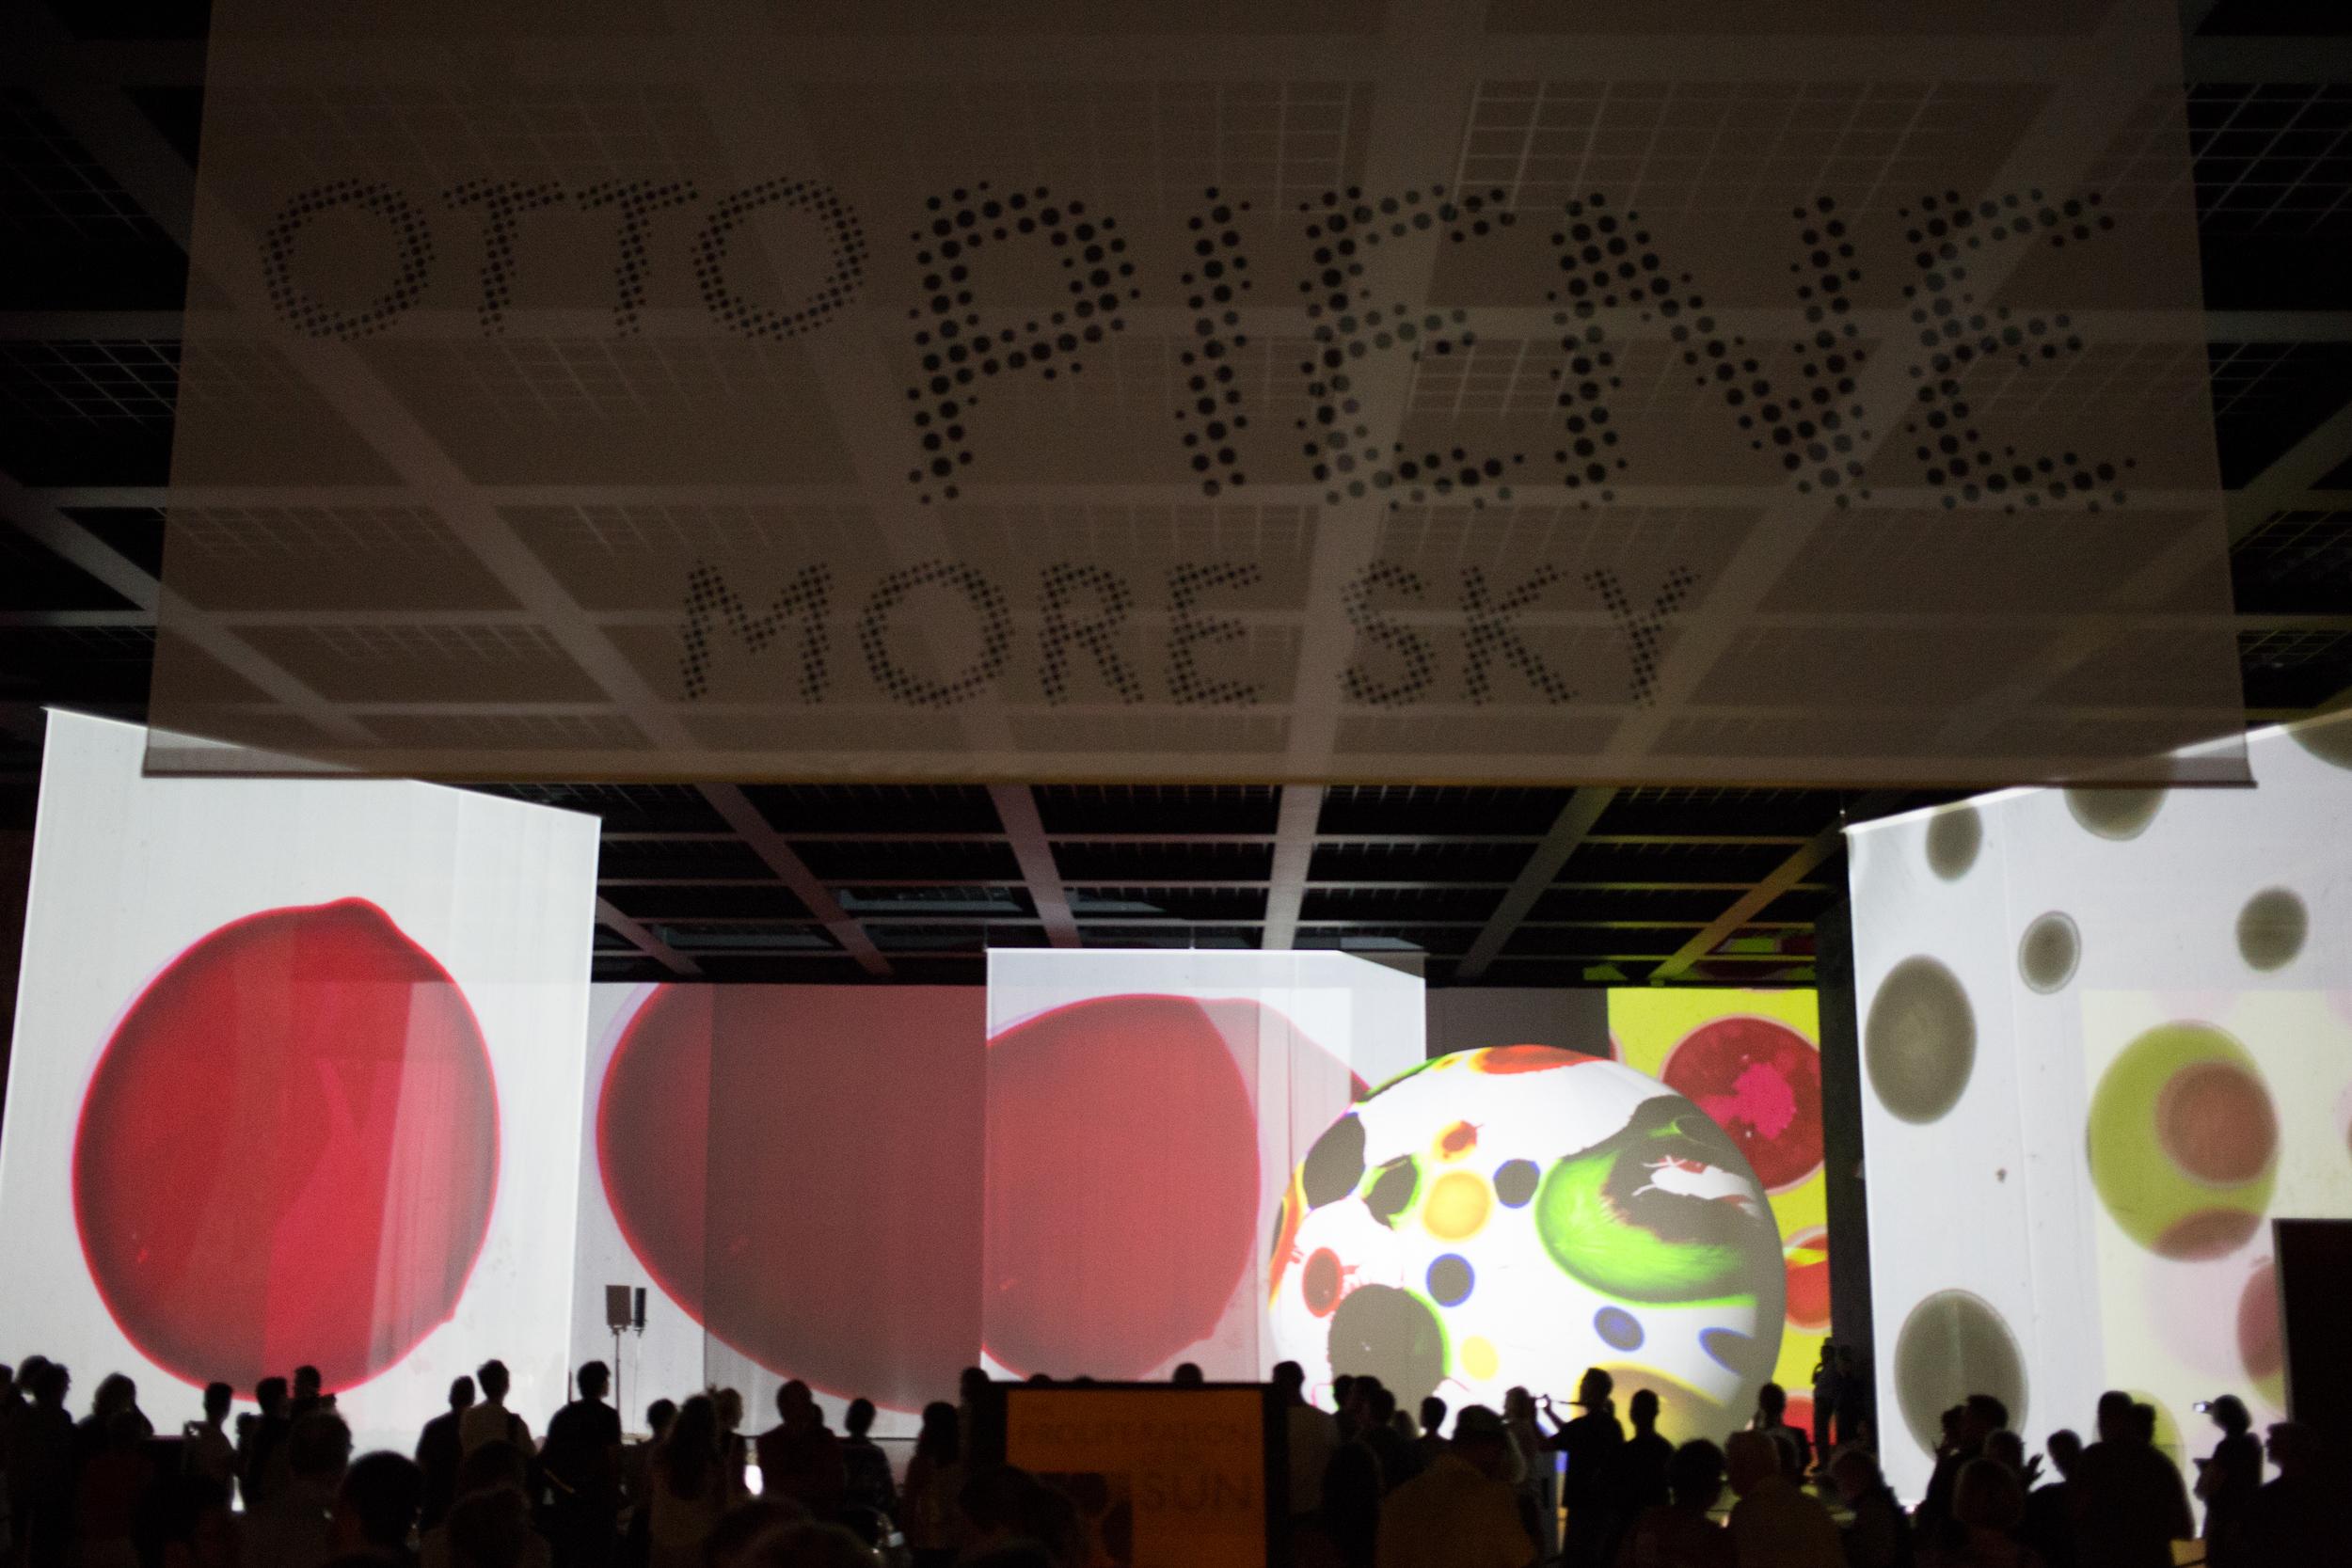 Otto Piene Installation at the Neuenational Galerie Berlin